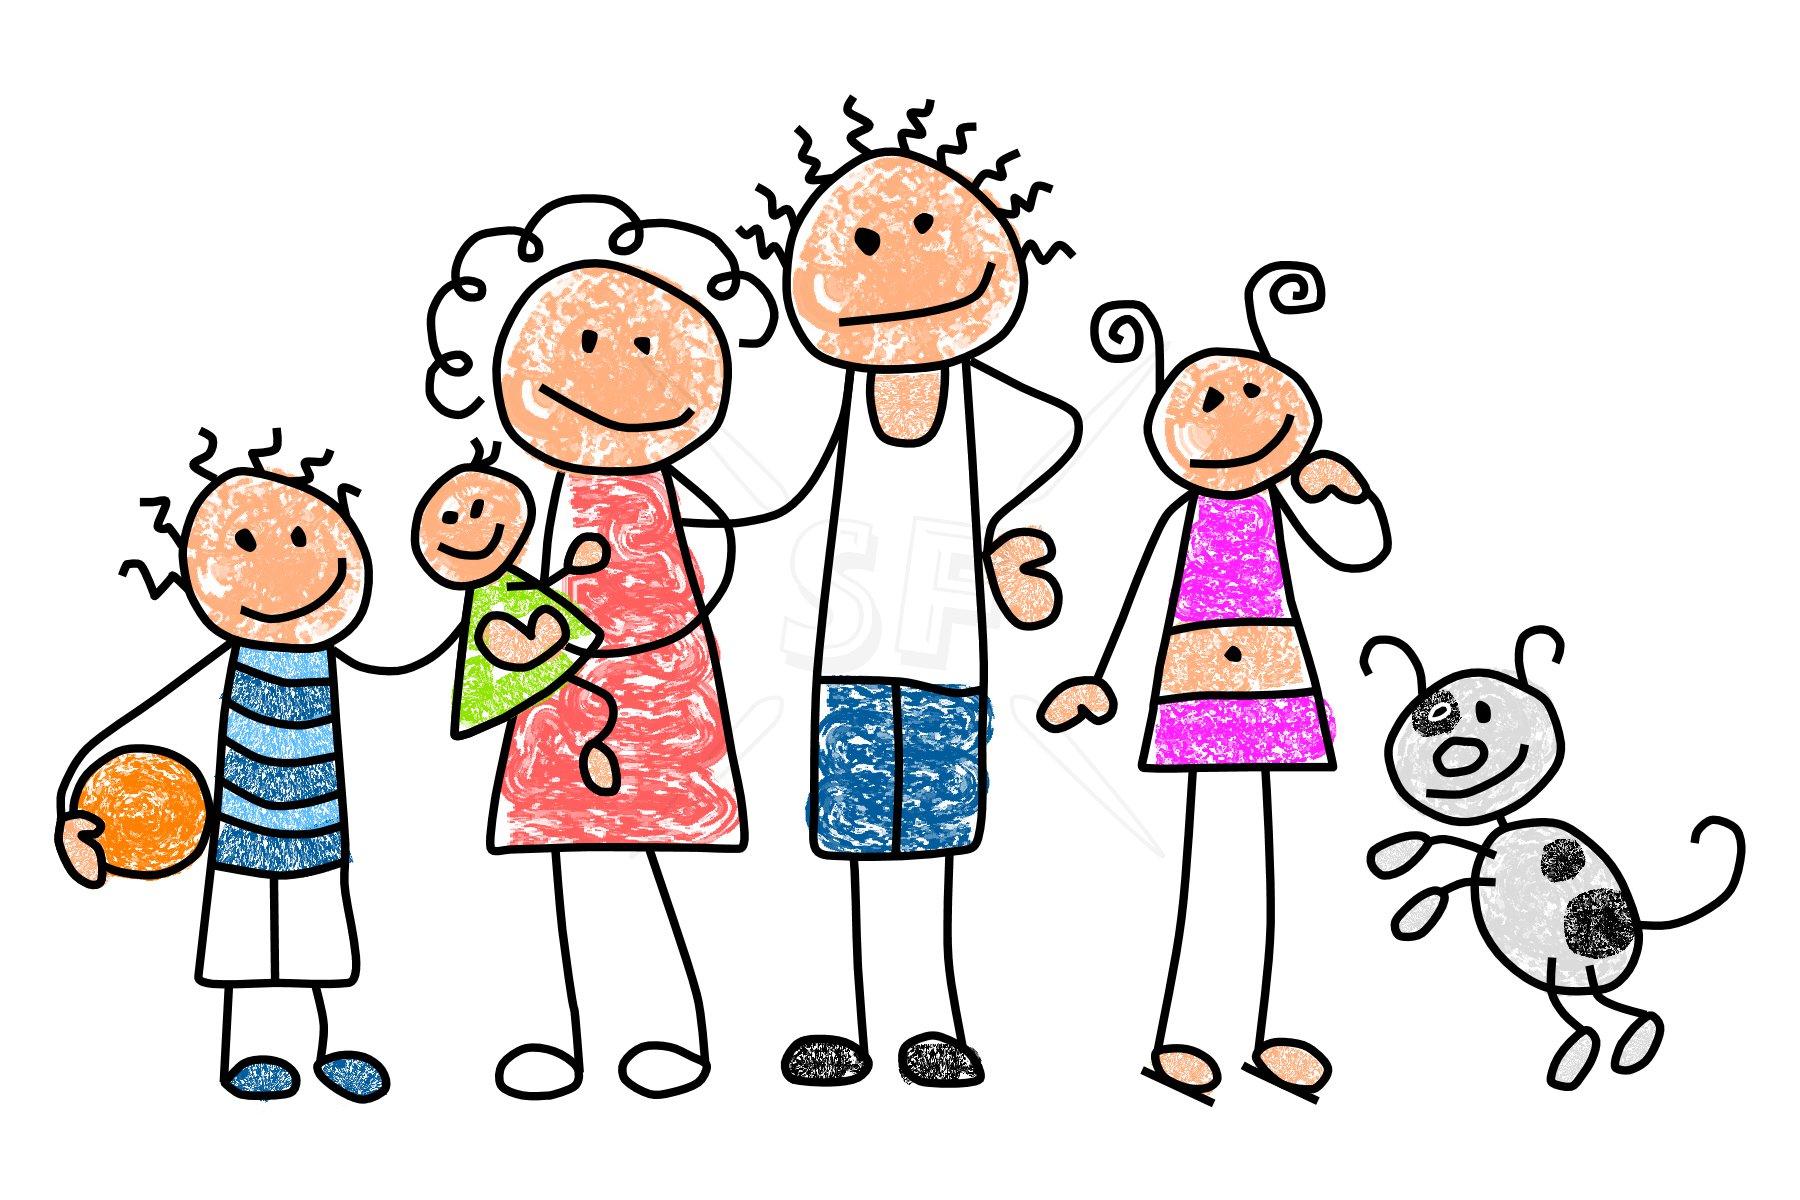 چند تا عبارت مهم در رابطه با خانواده